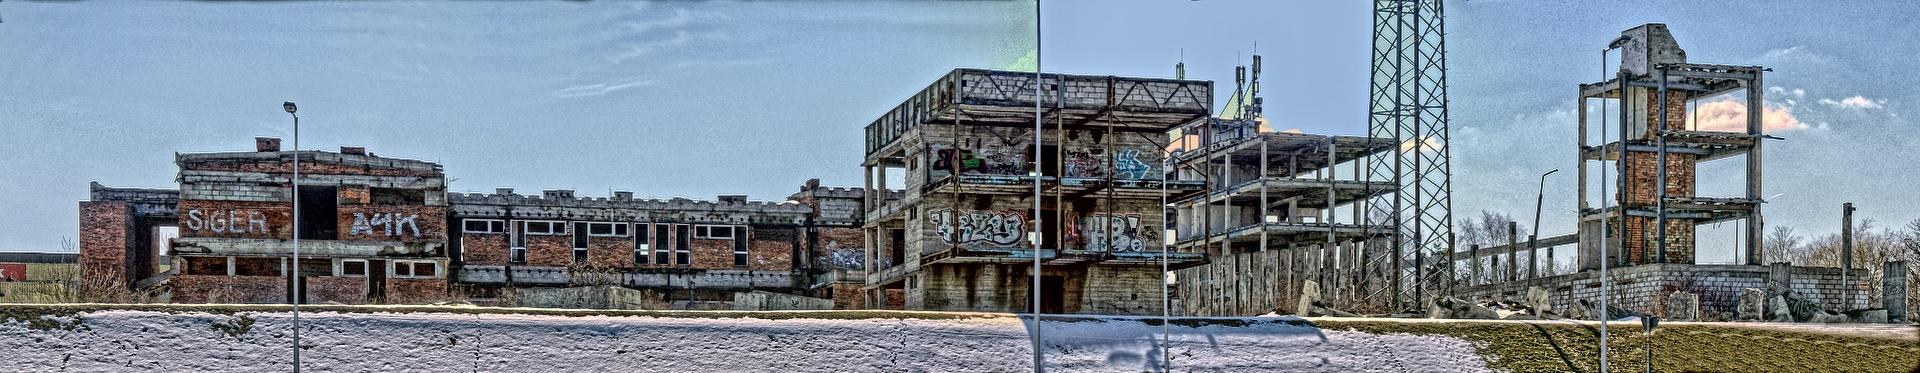 Ruiny odlewni, kwiecień 2013, widok panoramiczny